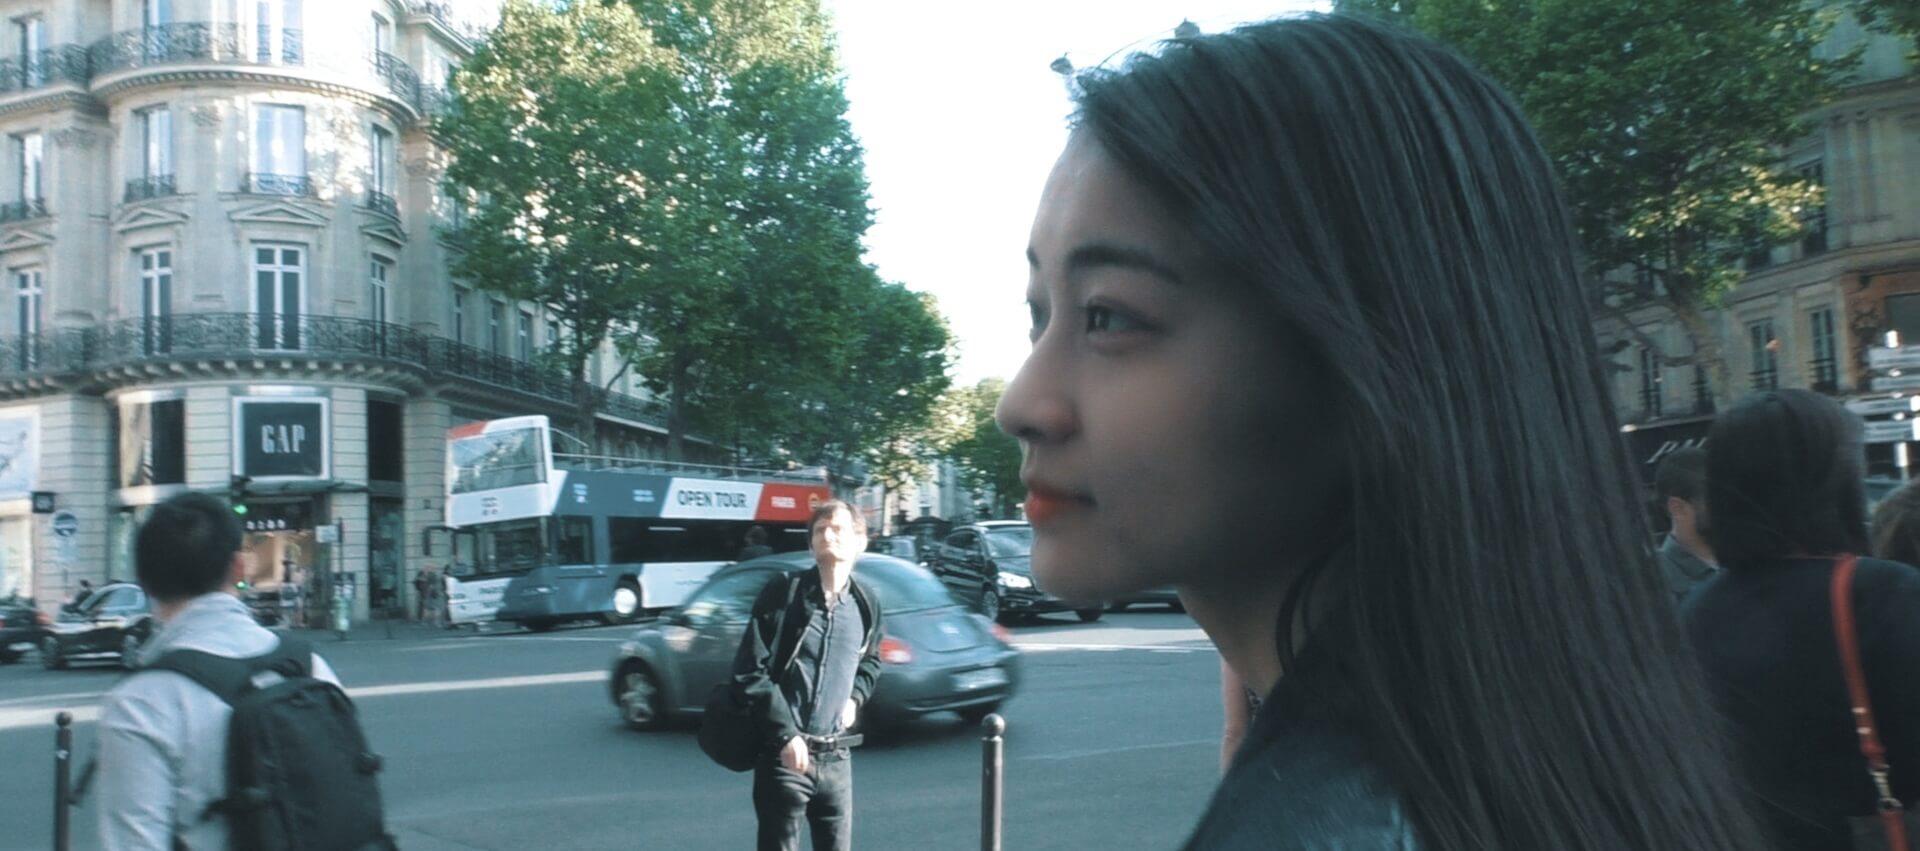 元アンジュルム和田彩花、「私の活動のイントロダクション」と語る自身作詞のソロ曲「Une idole」を発表! music191009_wadaayaka_2